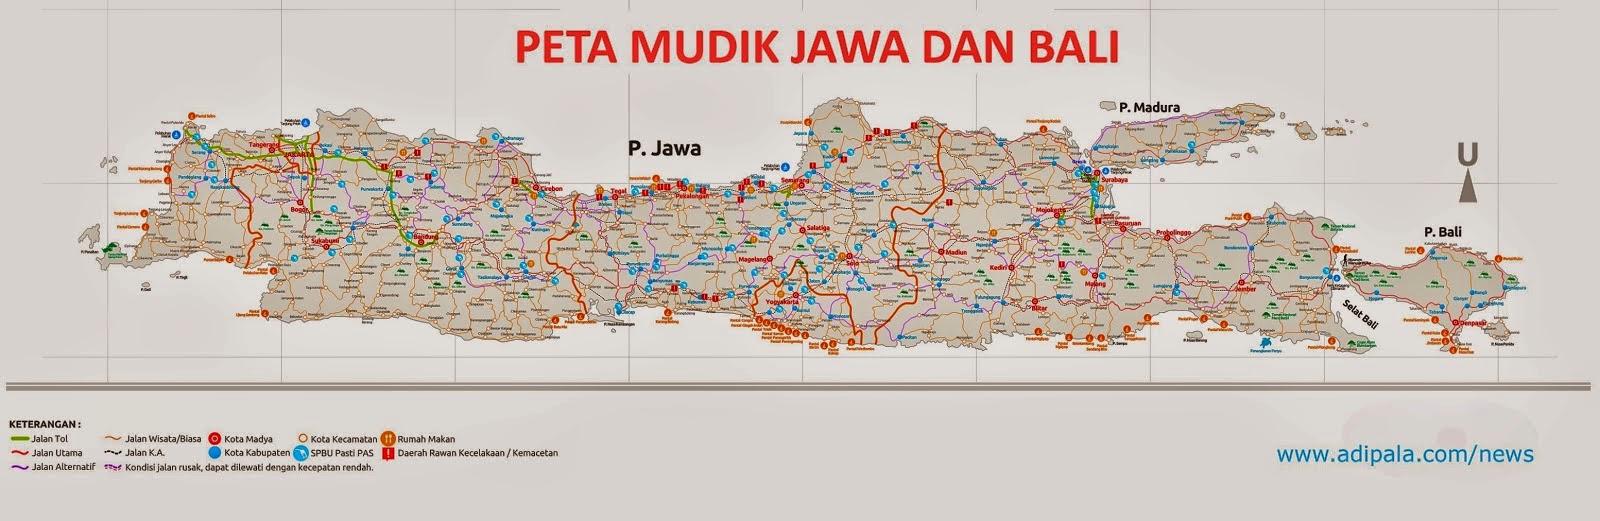 Peta Jalur Mudik Lebaran Jawa dan Bali 2015